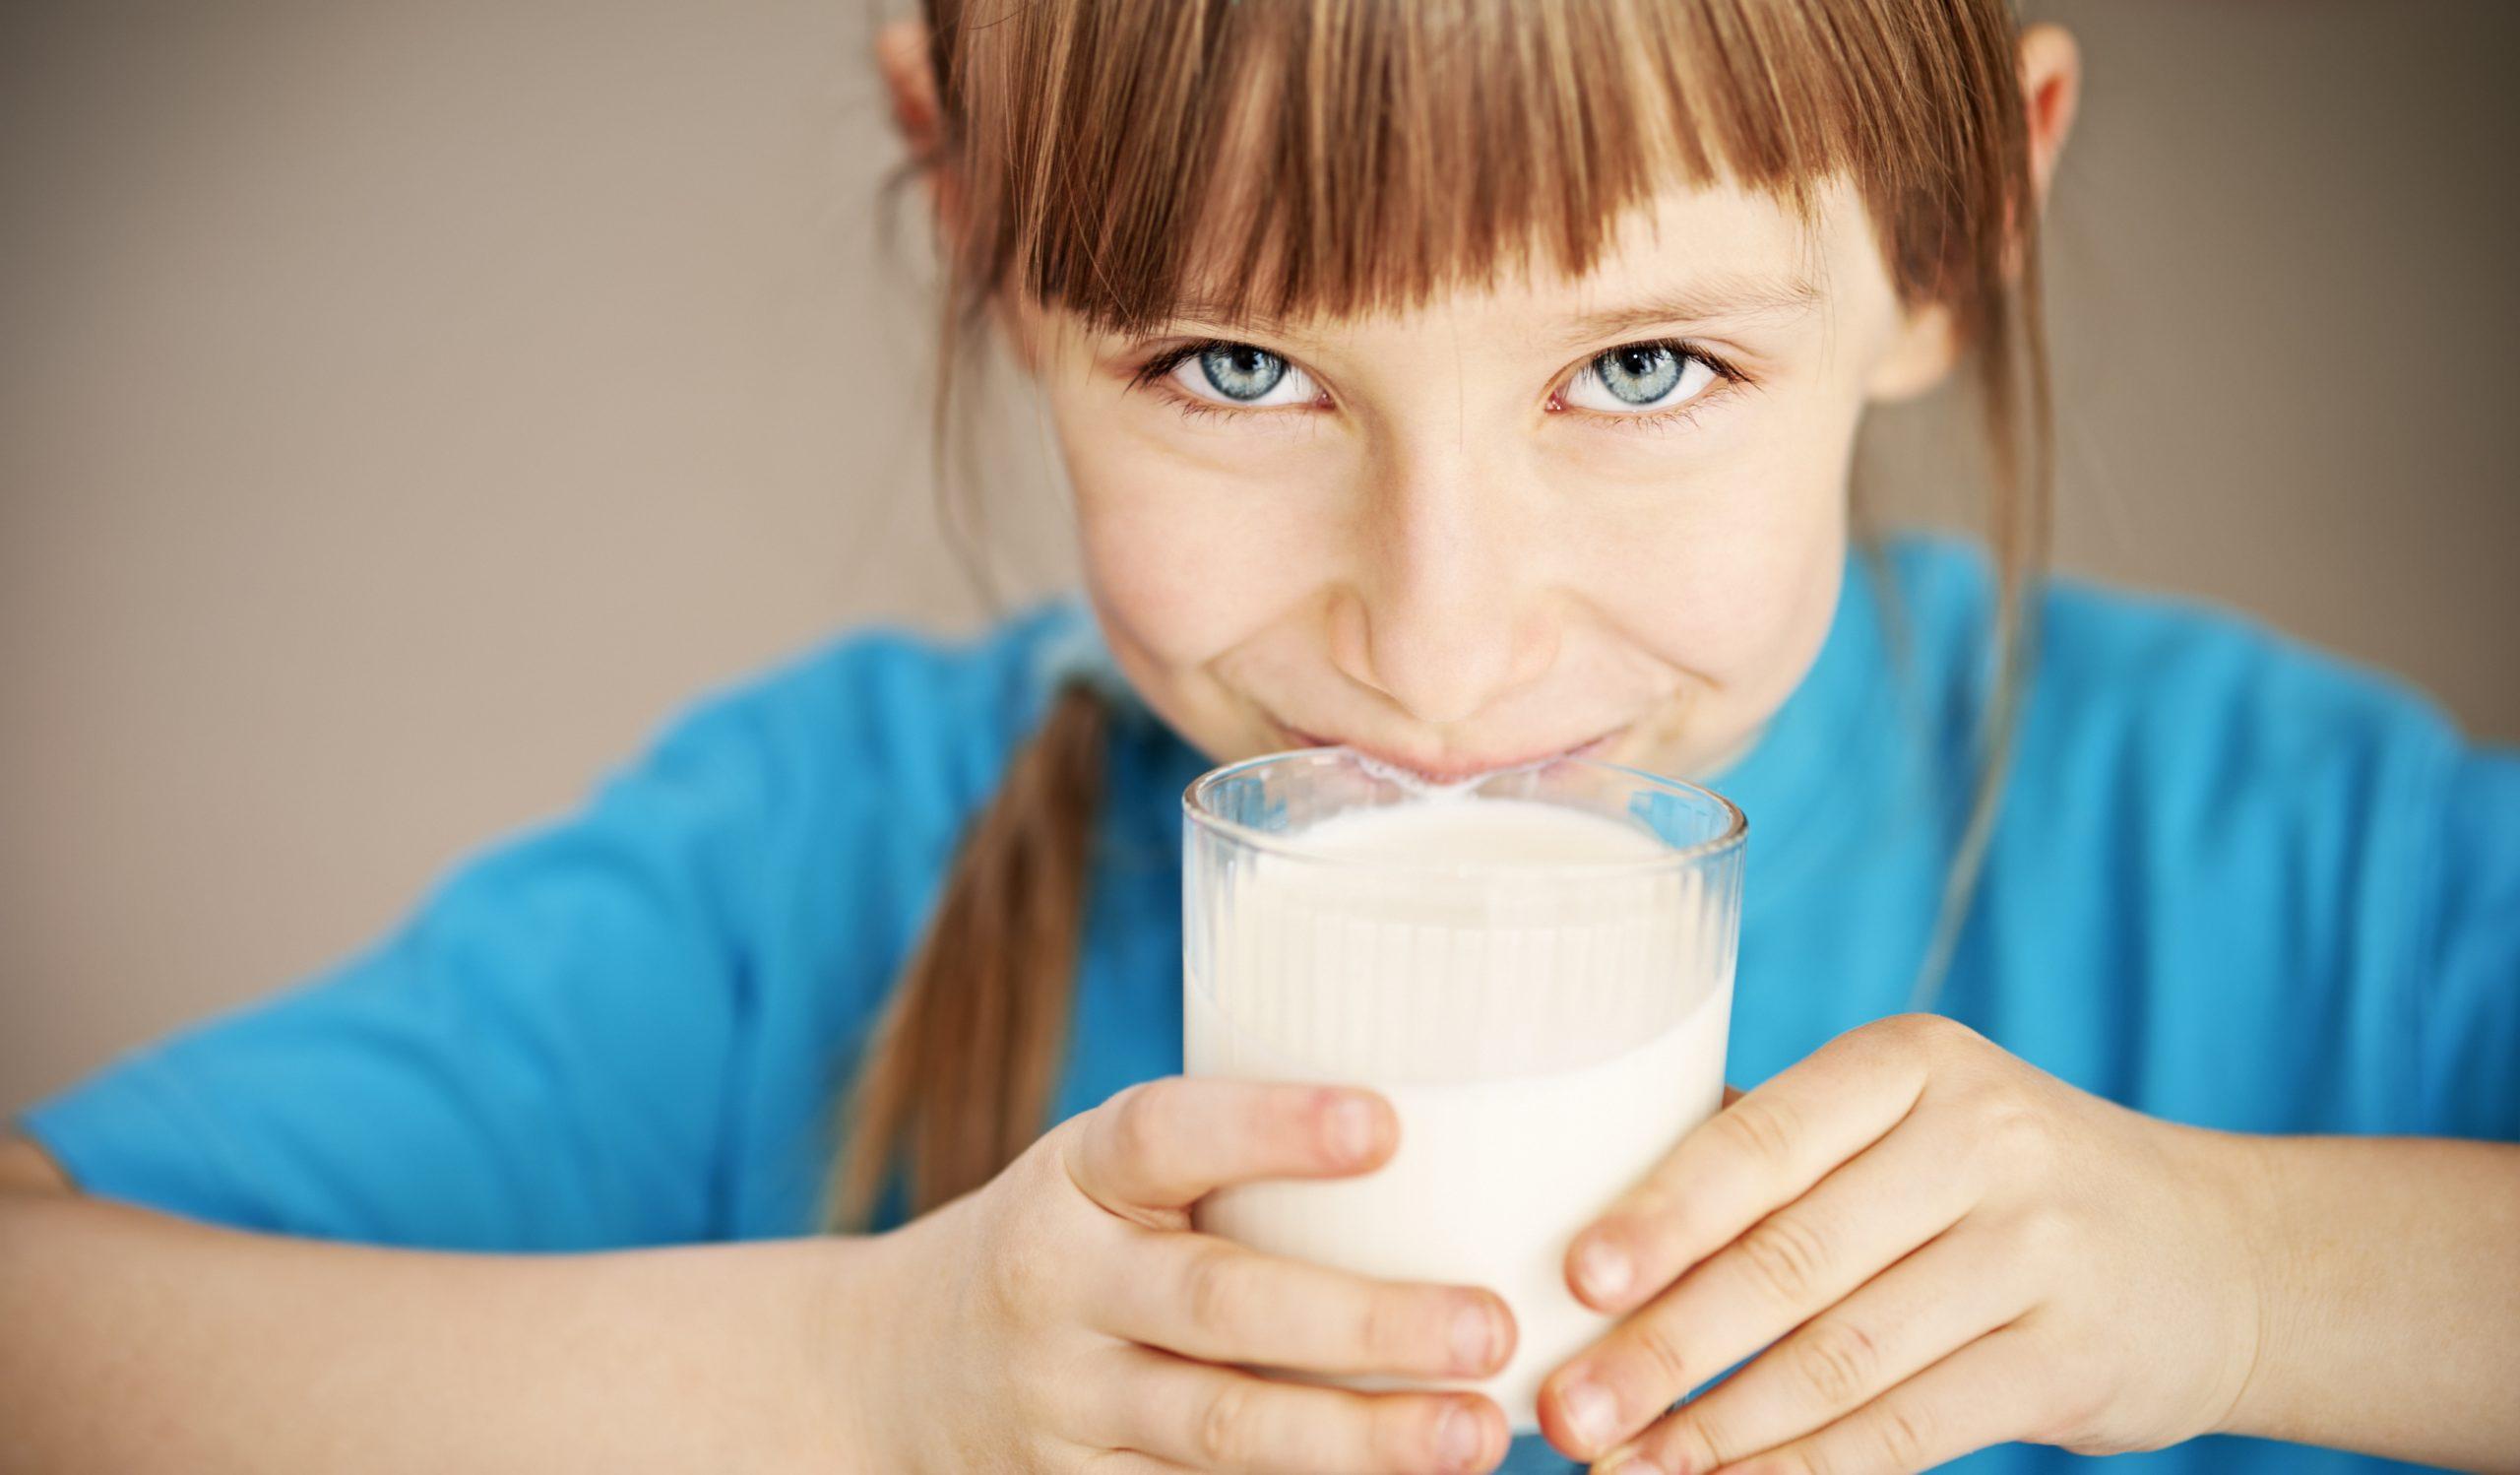 اهمیت و خواص شیر برای کودکان